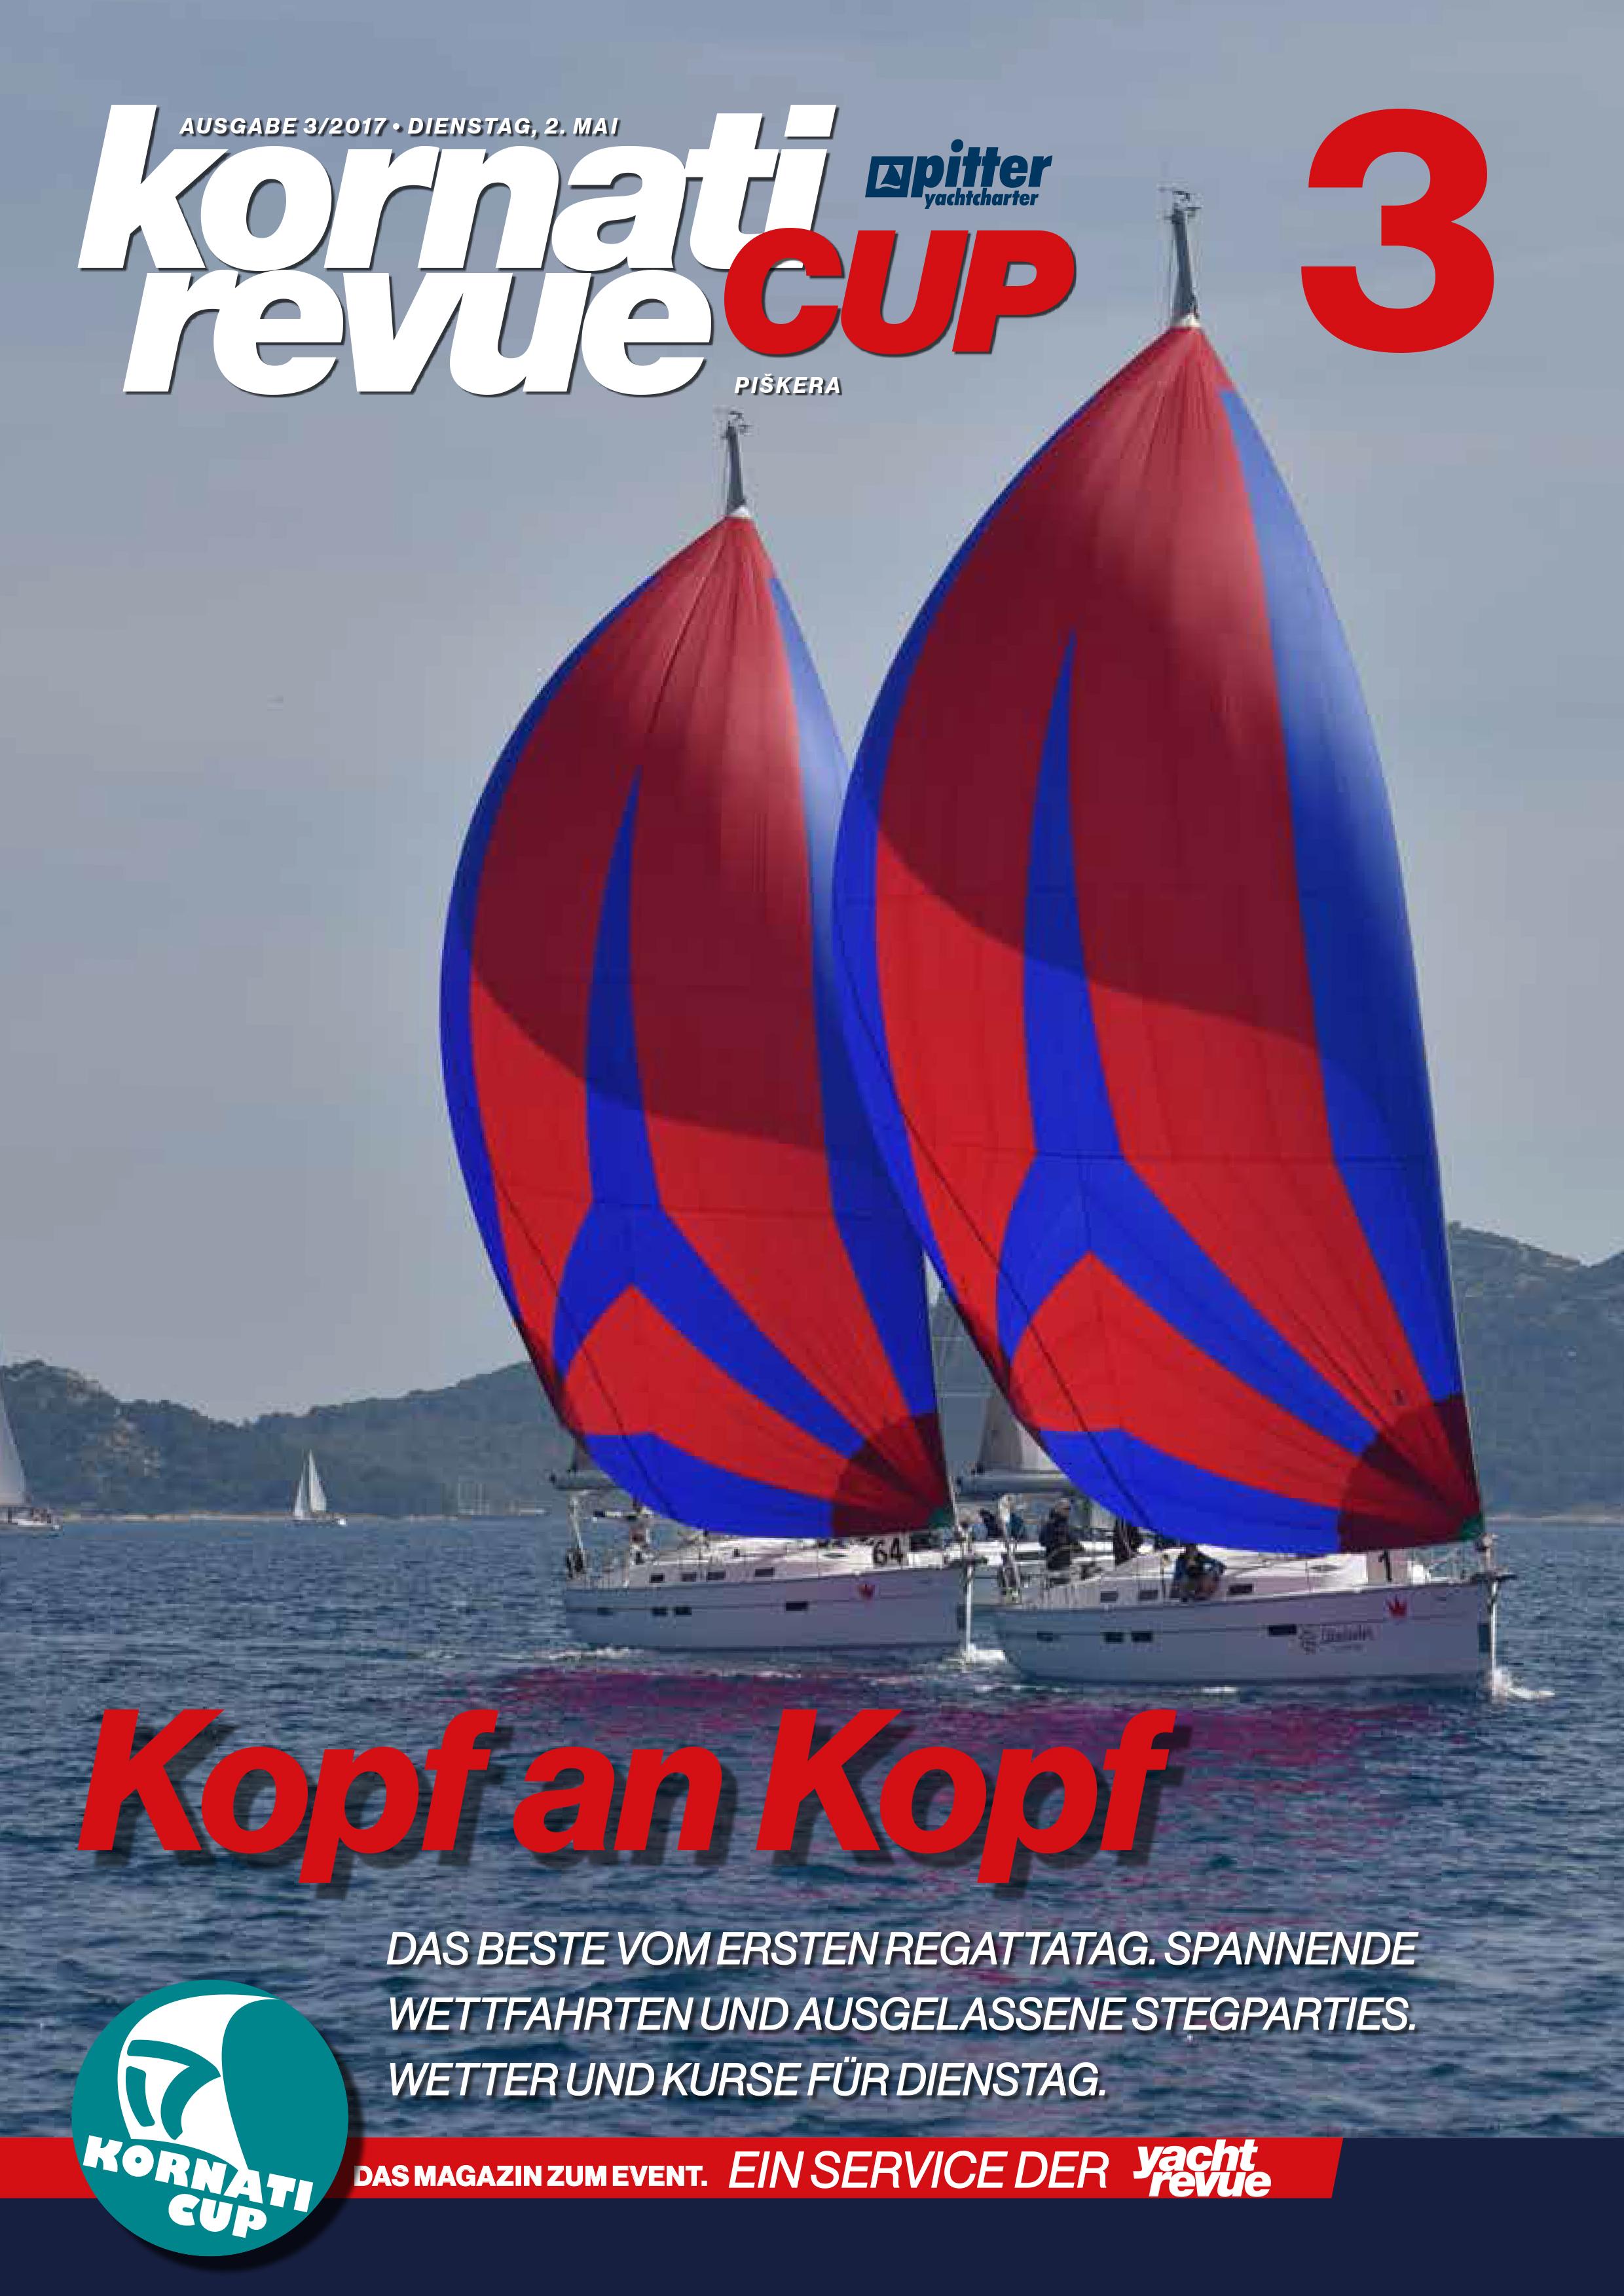 Kornati Cup Revue 2017